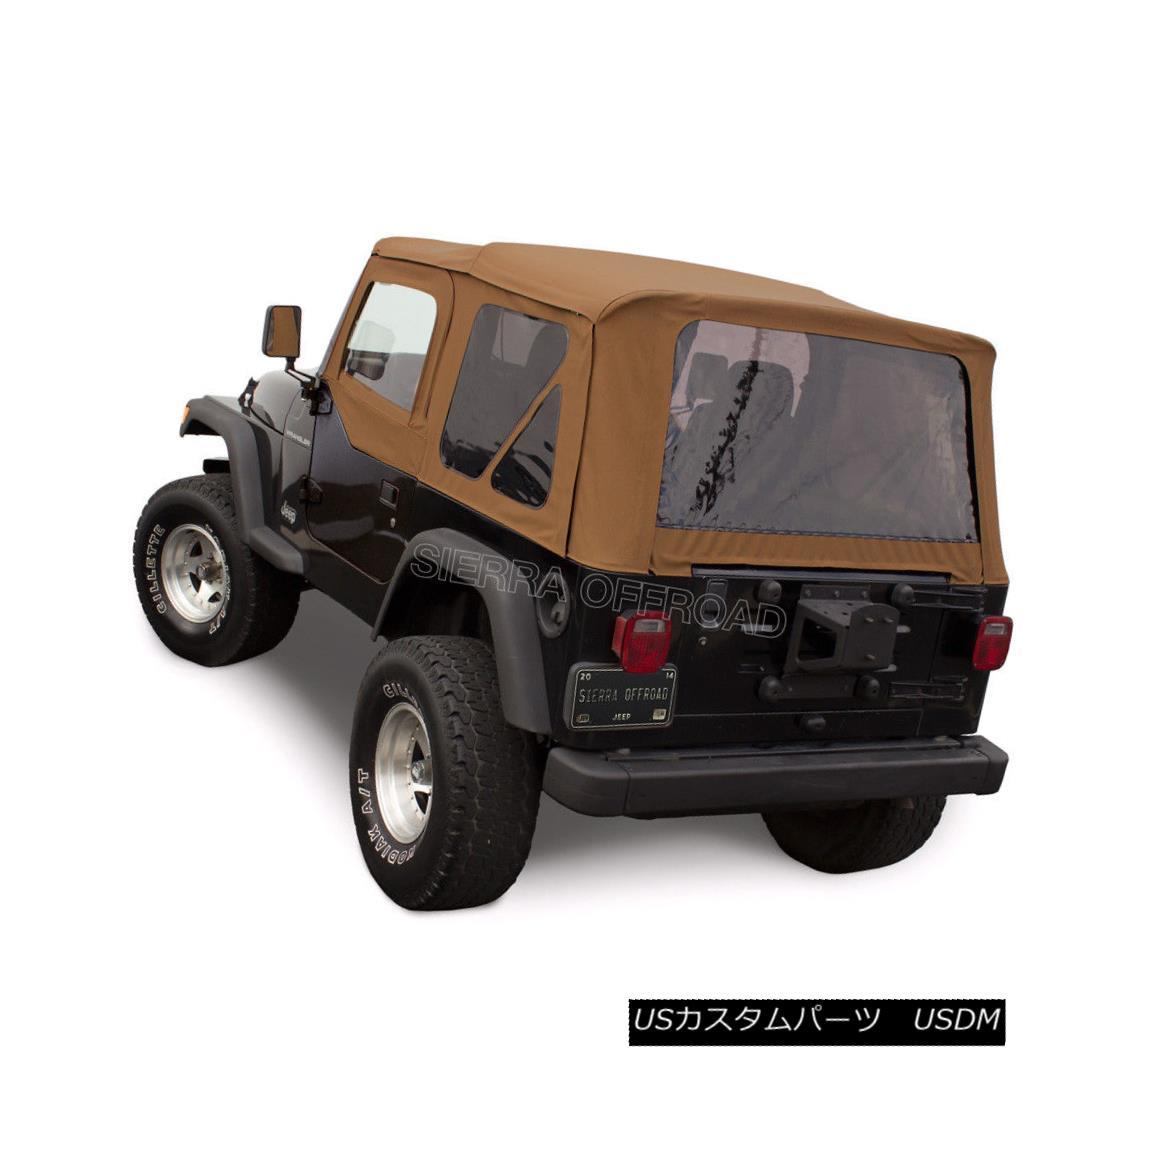 幌 ソフトトップ Jeep Wrangler TJ Soft Top 1997-2002 Tinted Windows Spice Upper Doors ジープラングラーTJソフトトップ 1997-2002 ティンテッドウインドウ スパイス アッパードア